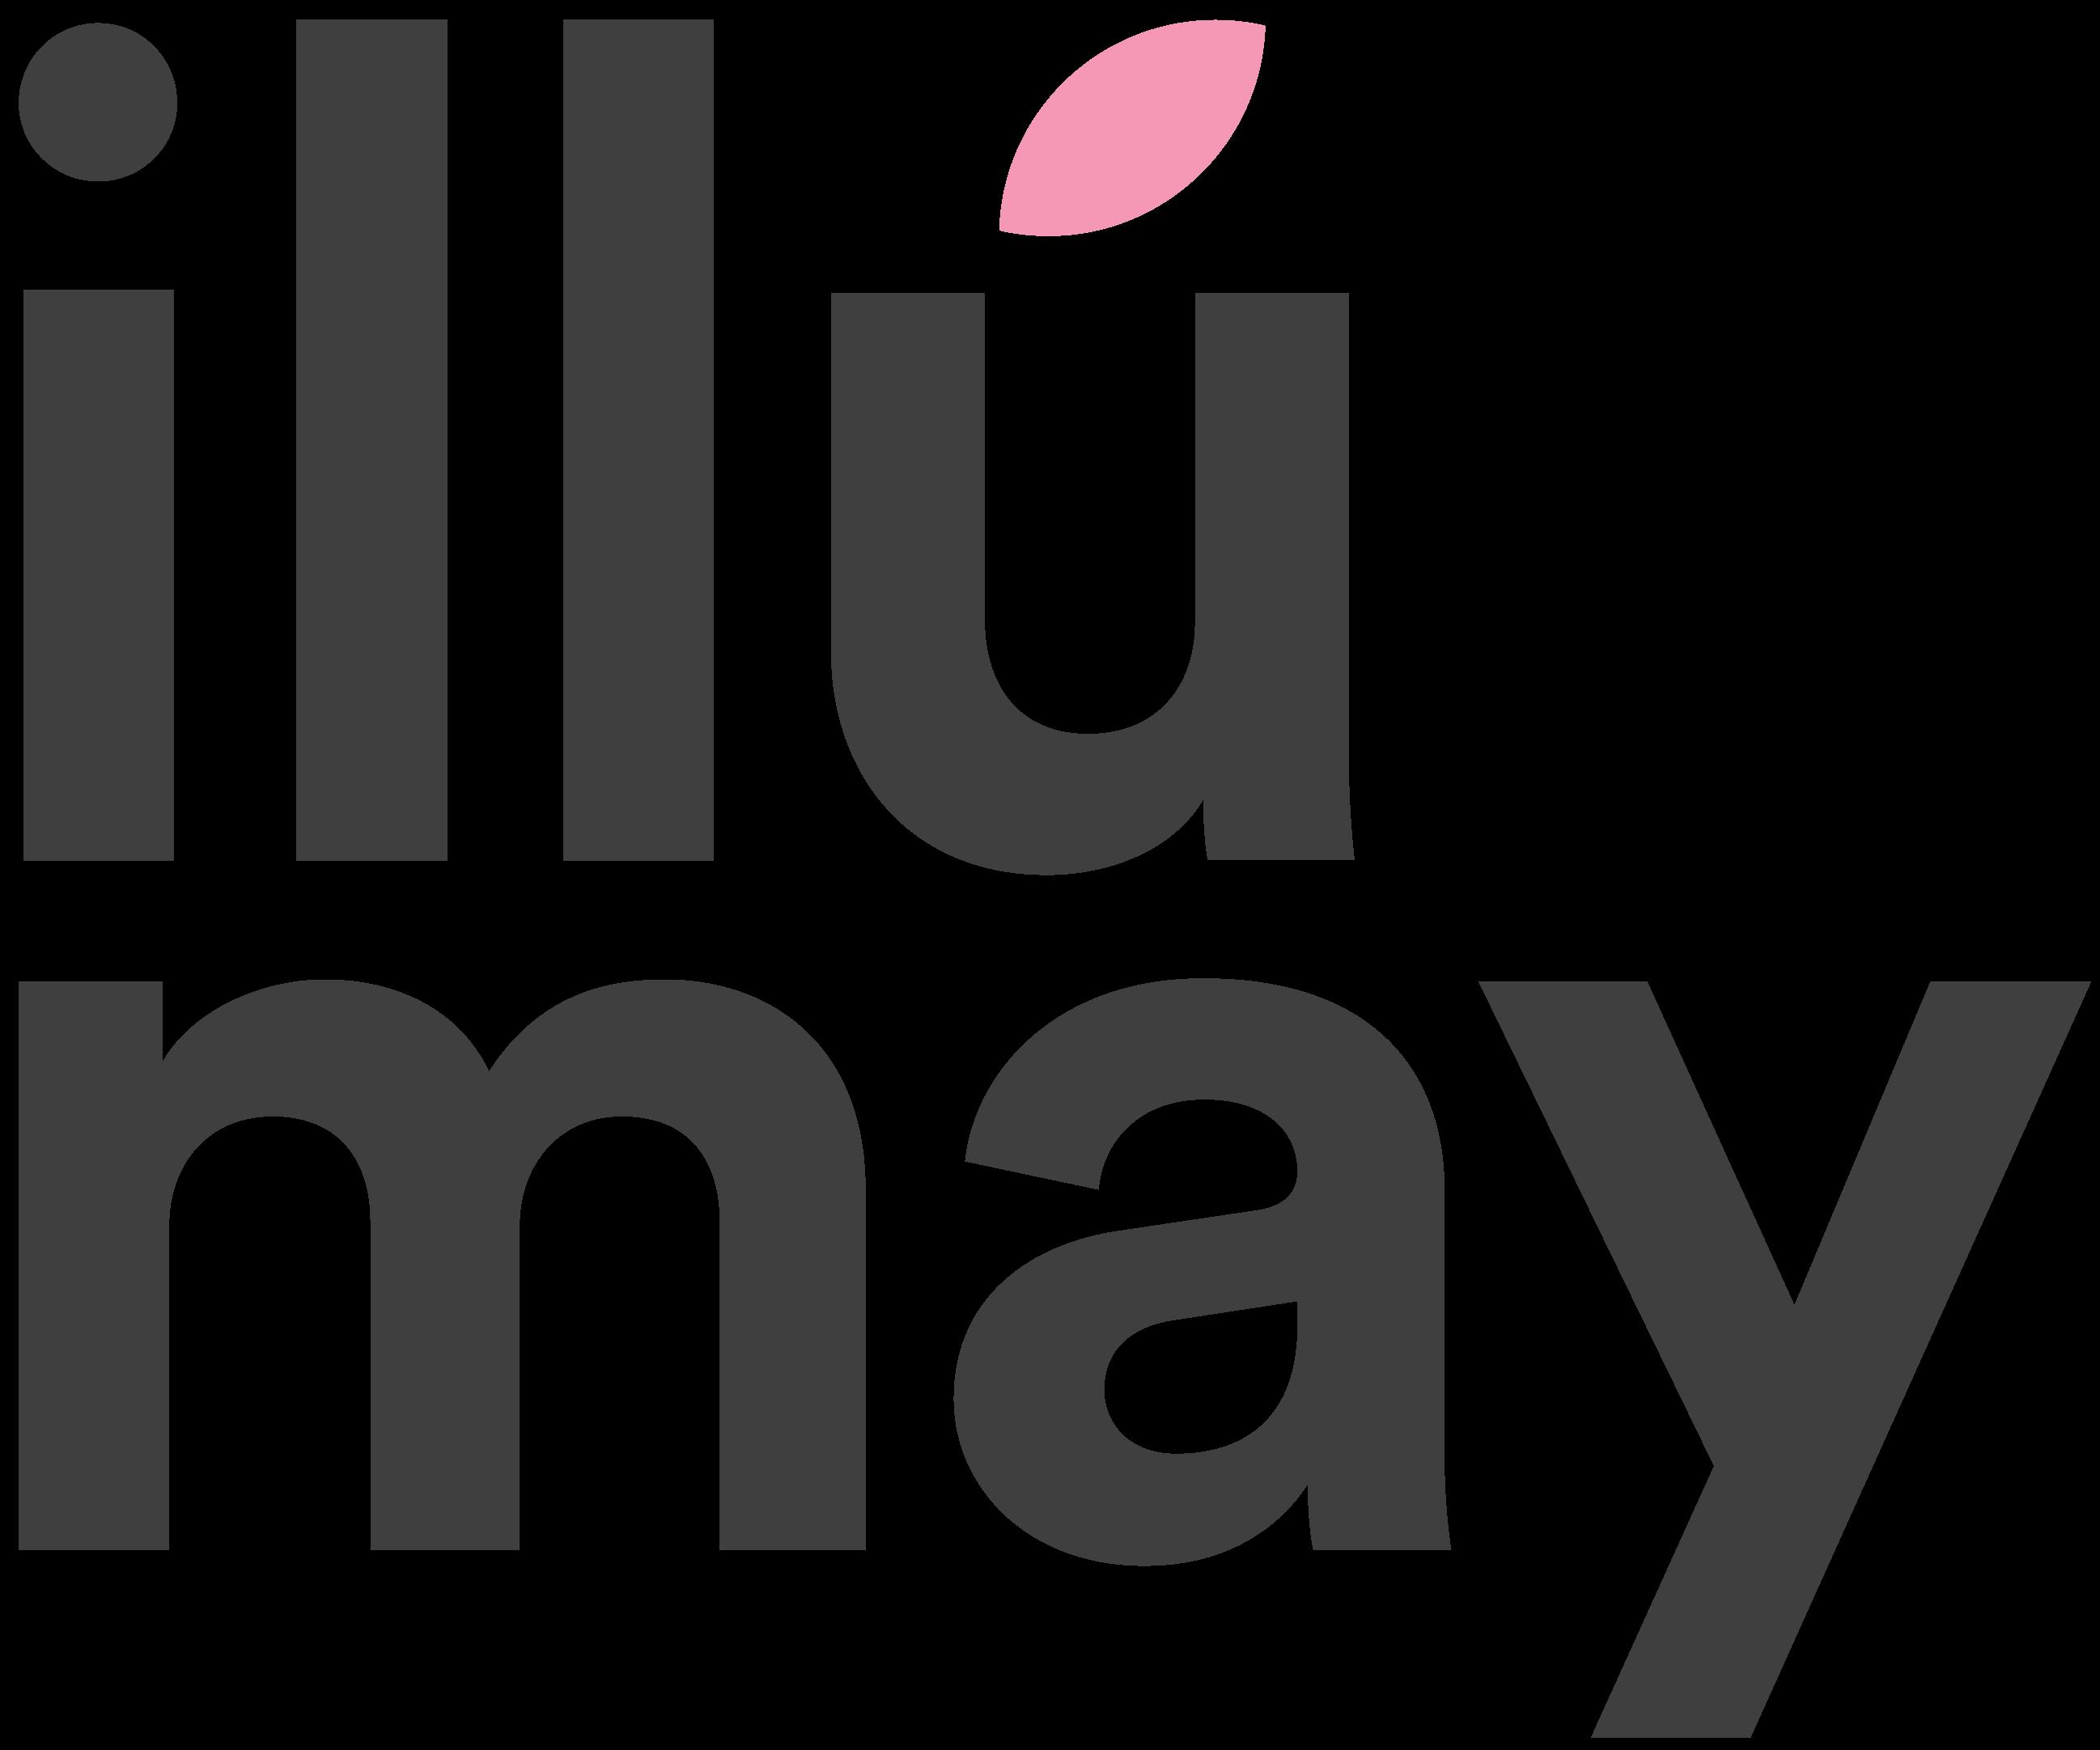 Illumay